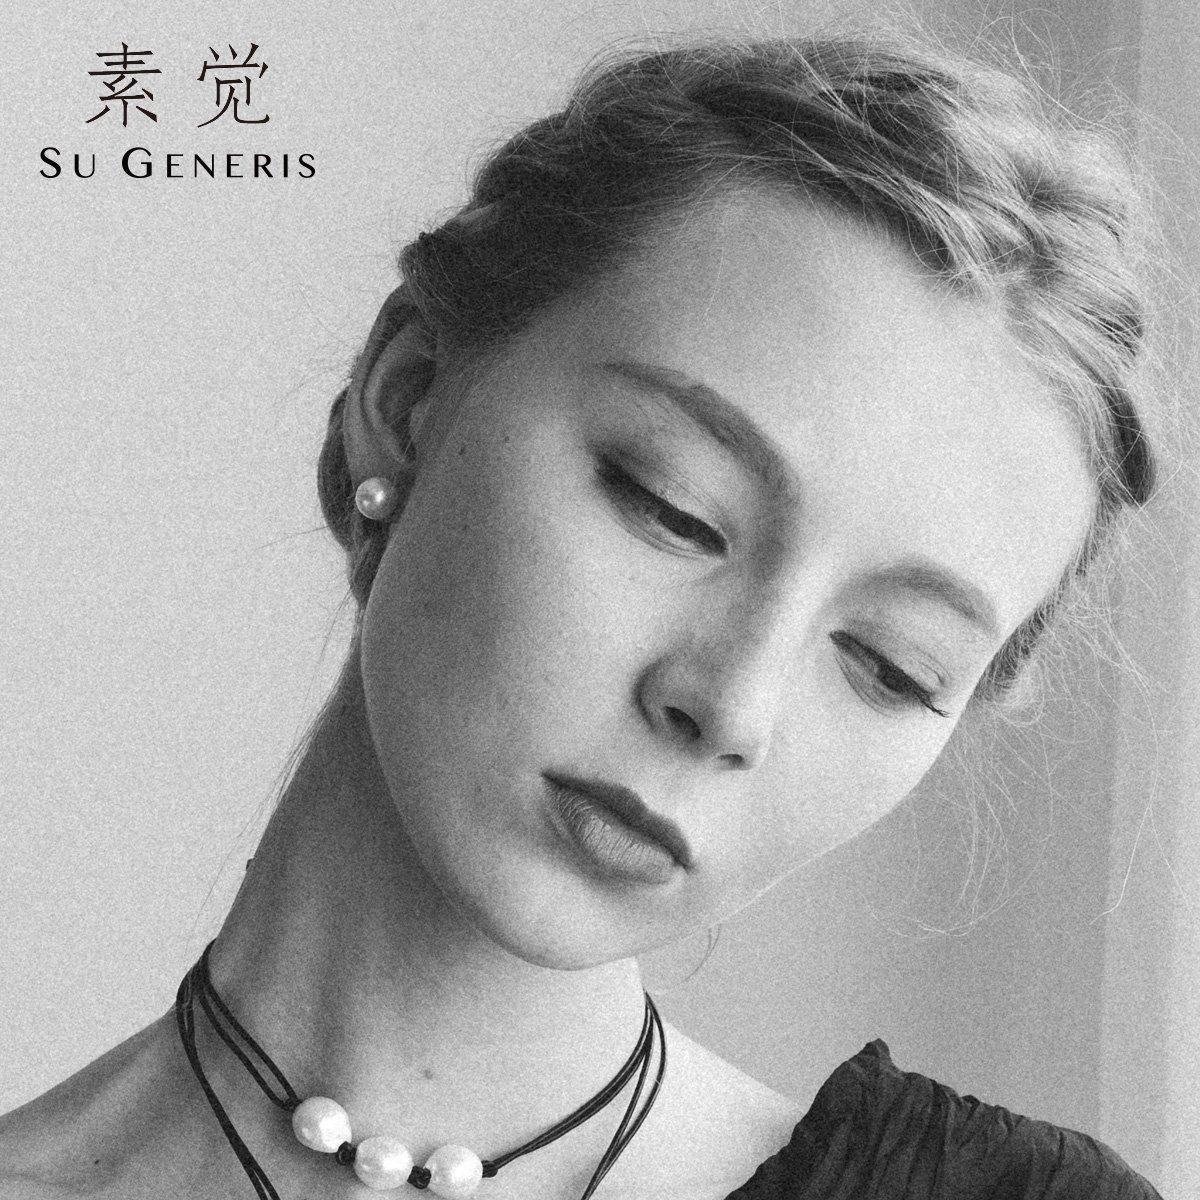 BAGEHAN Designer Marke Süßwasserperle Ohrstecker Ohrringe Licht rund um die Gründlegenden Modelle der Frau 8 5-9 mm 8.5-9mm